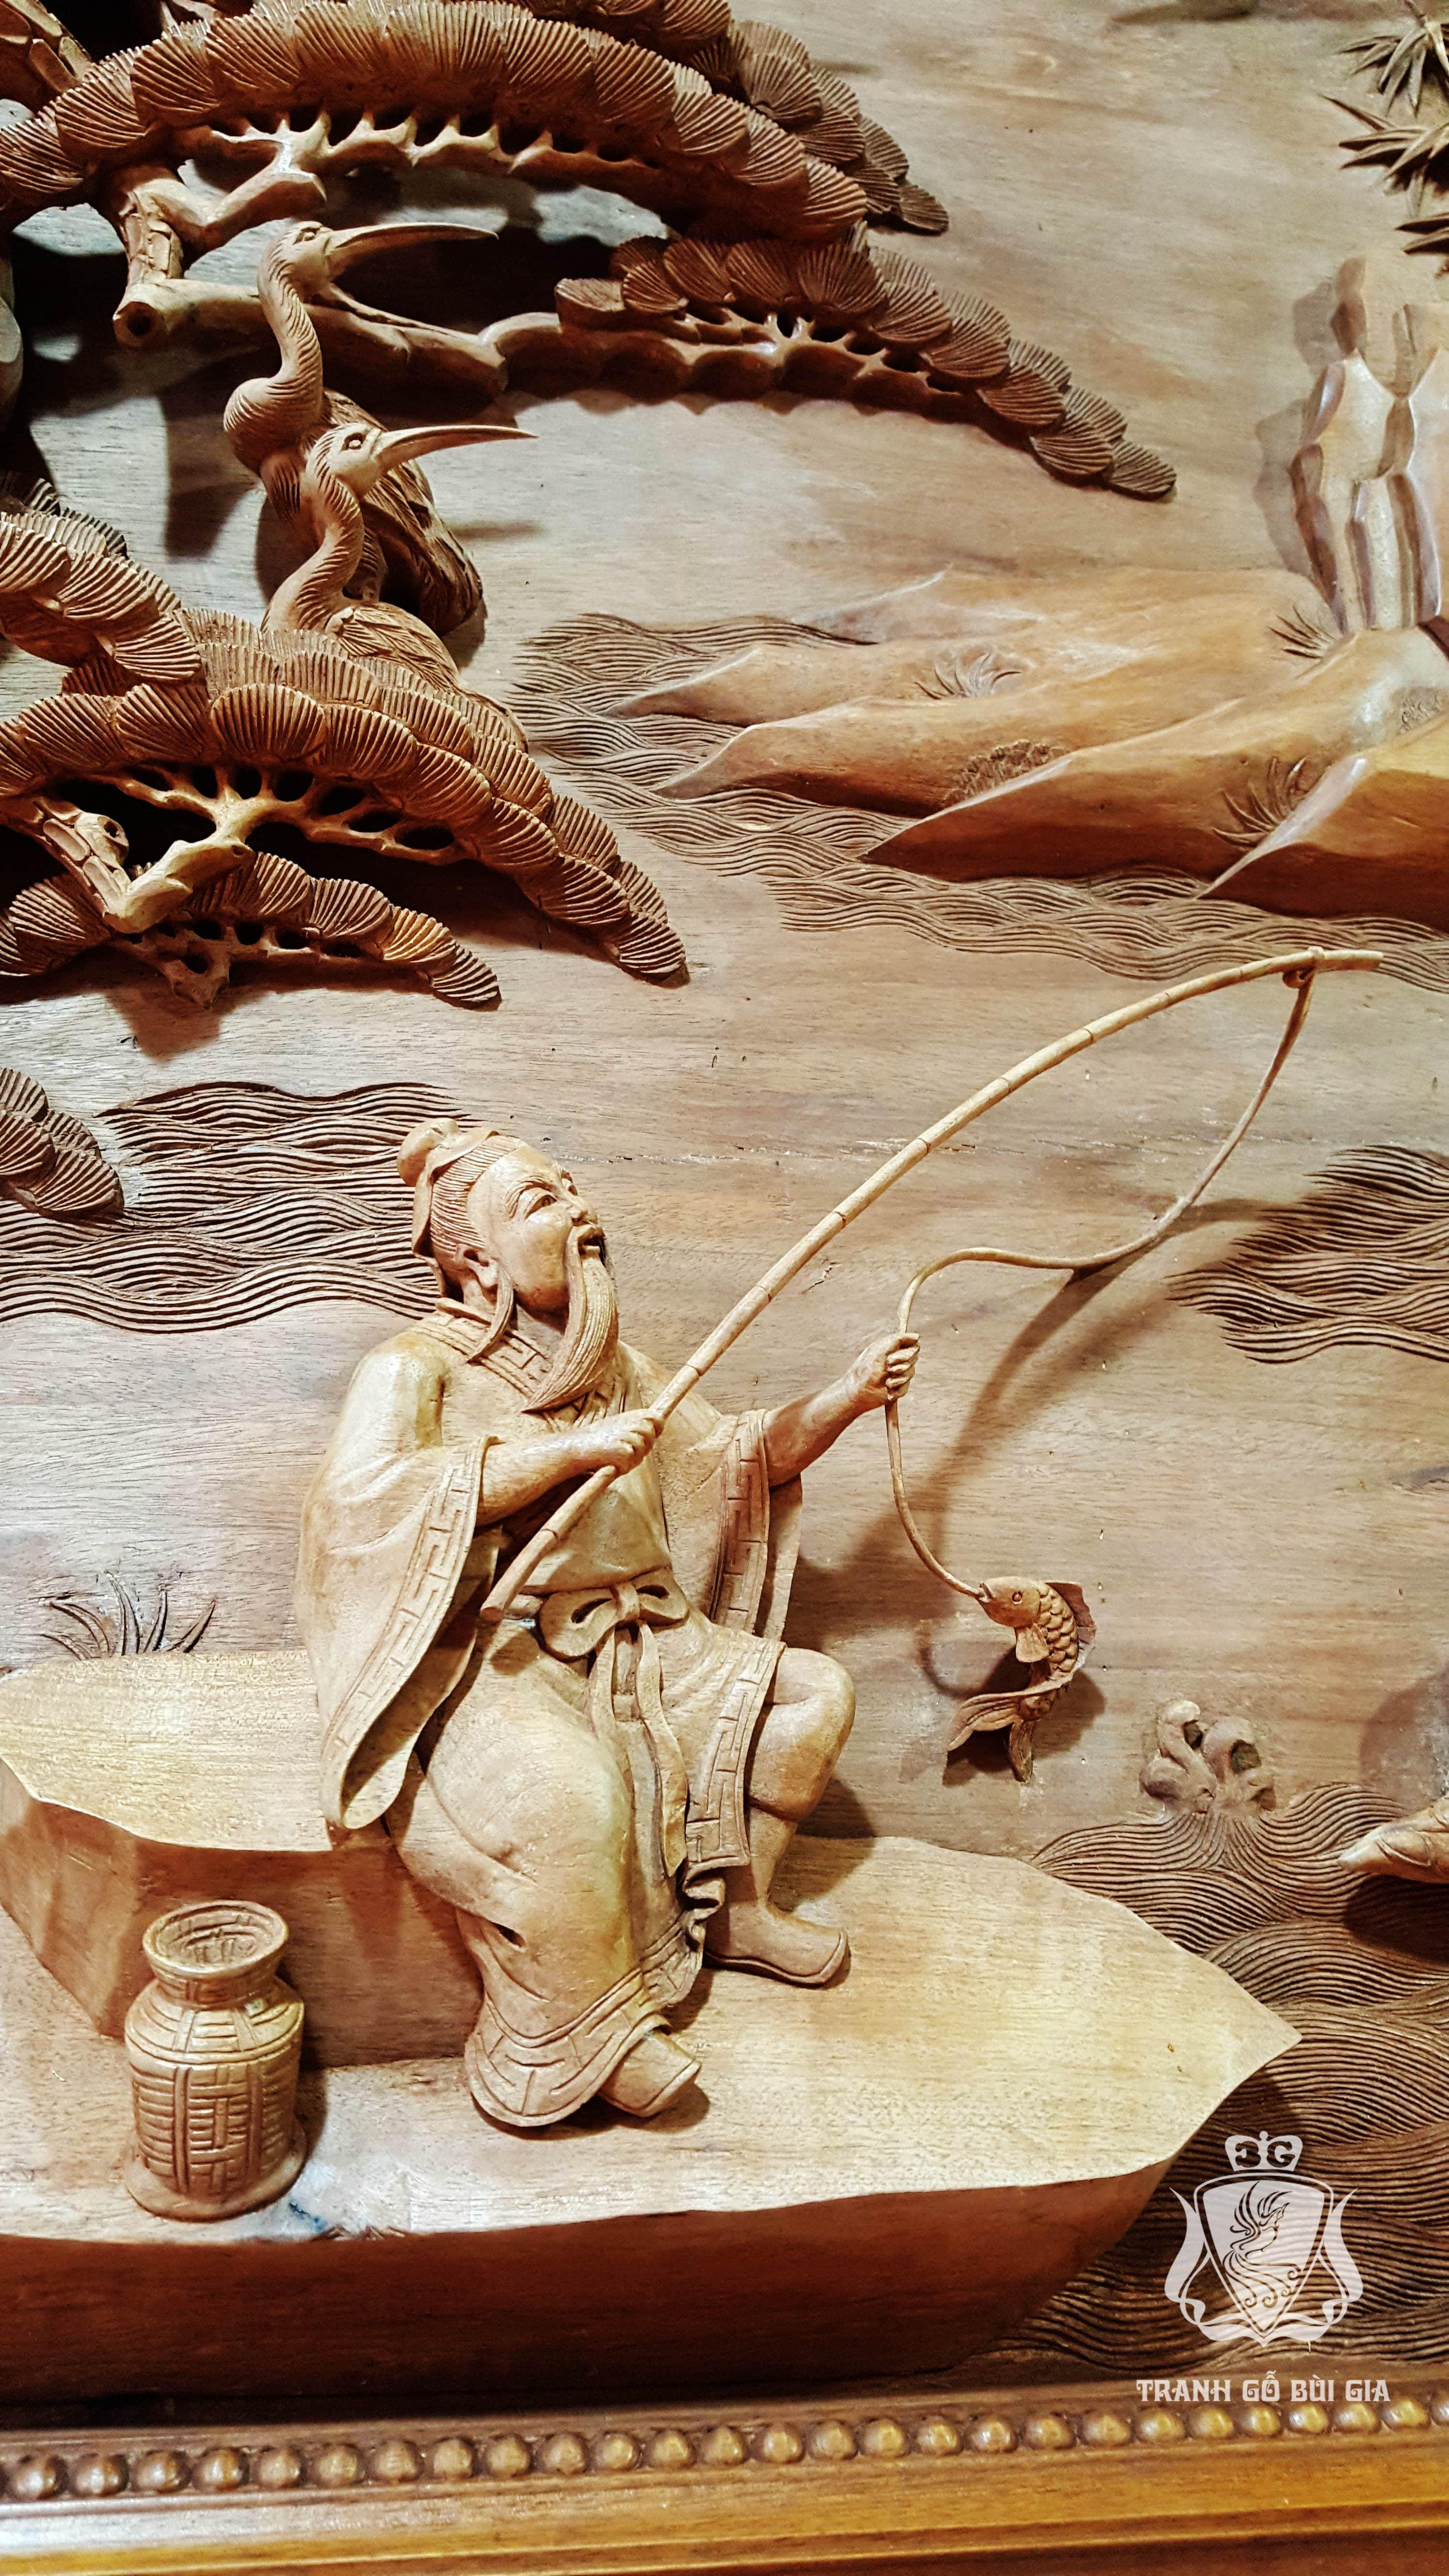 Tranh gỗ Đồng Quê đục tay sắc nét